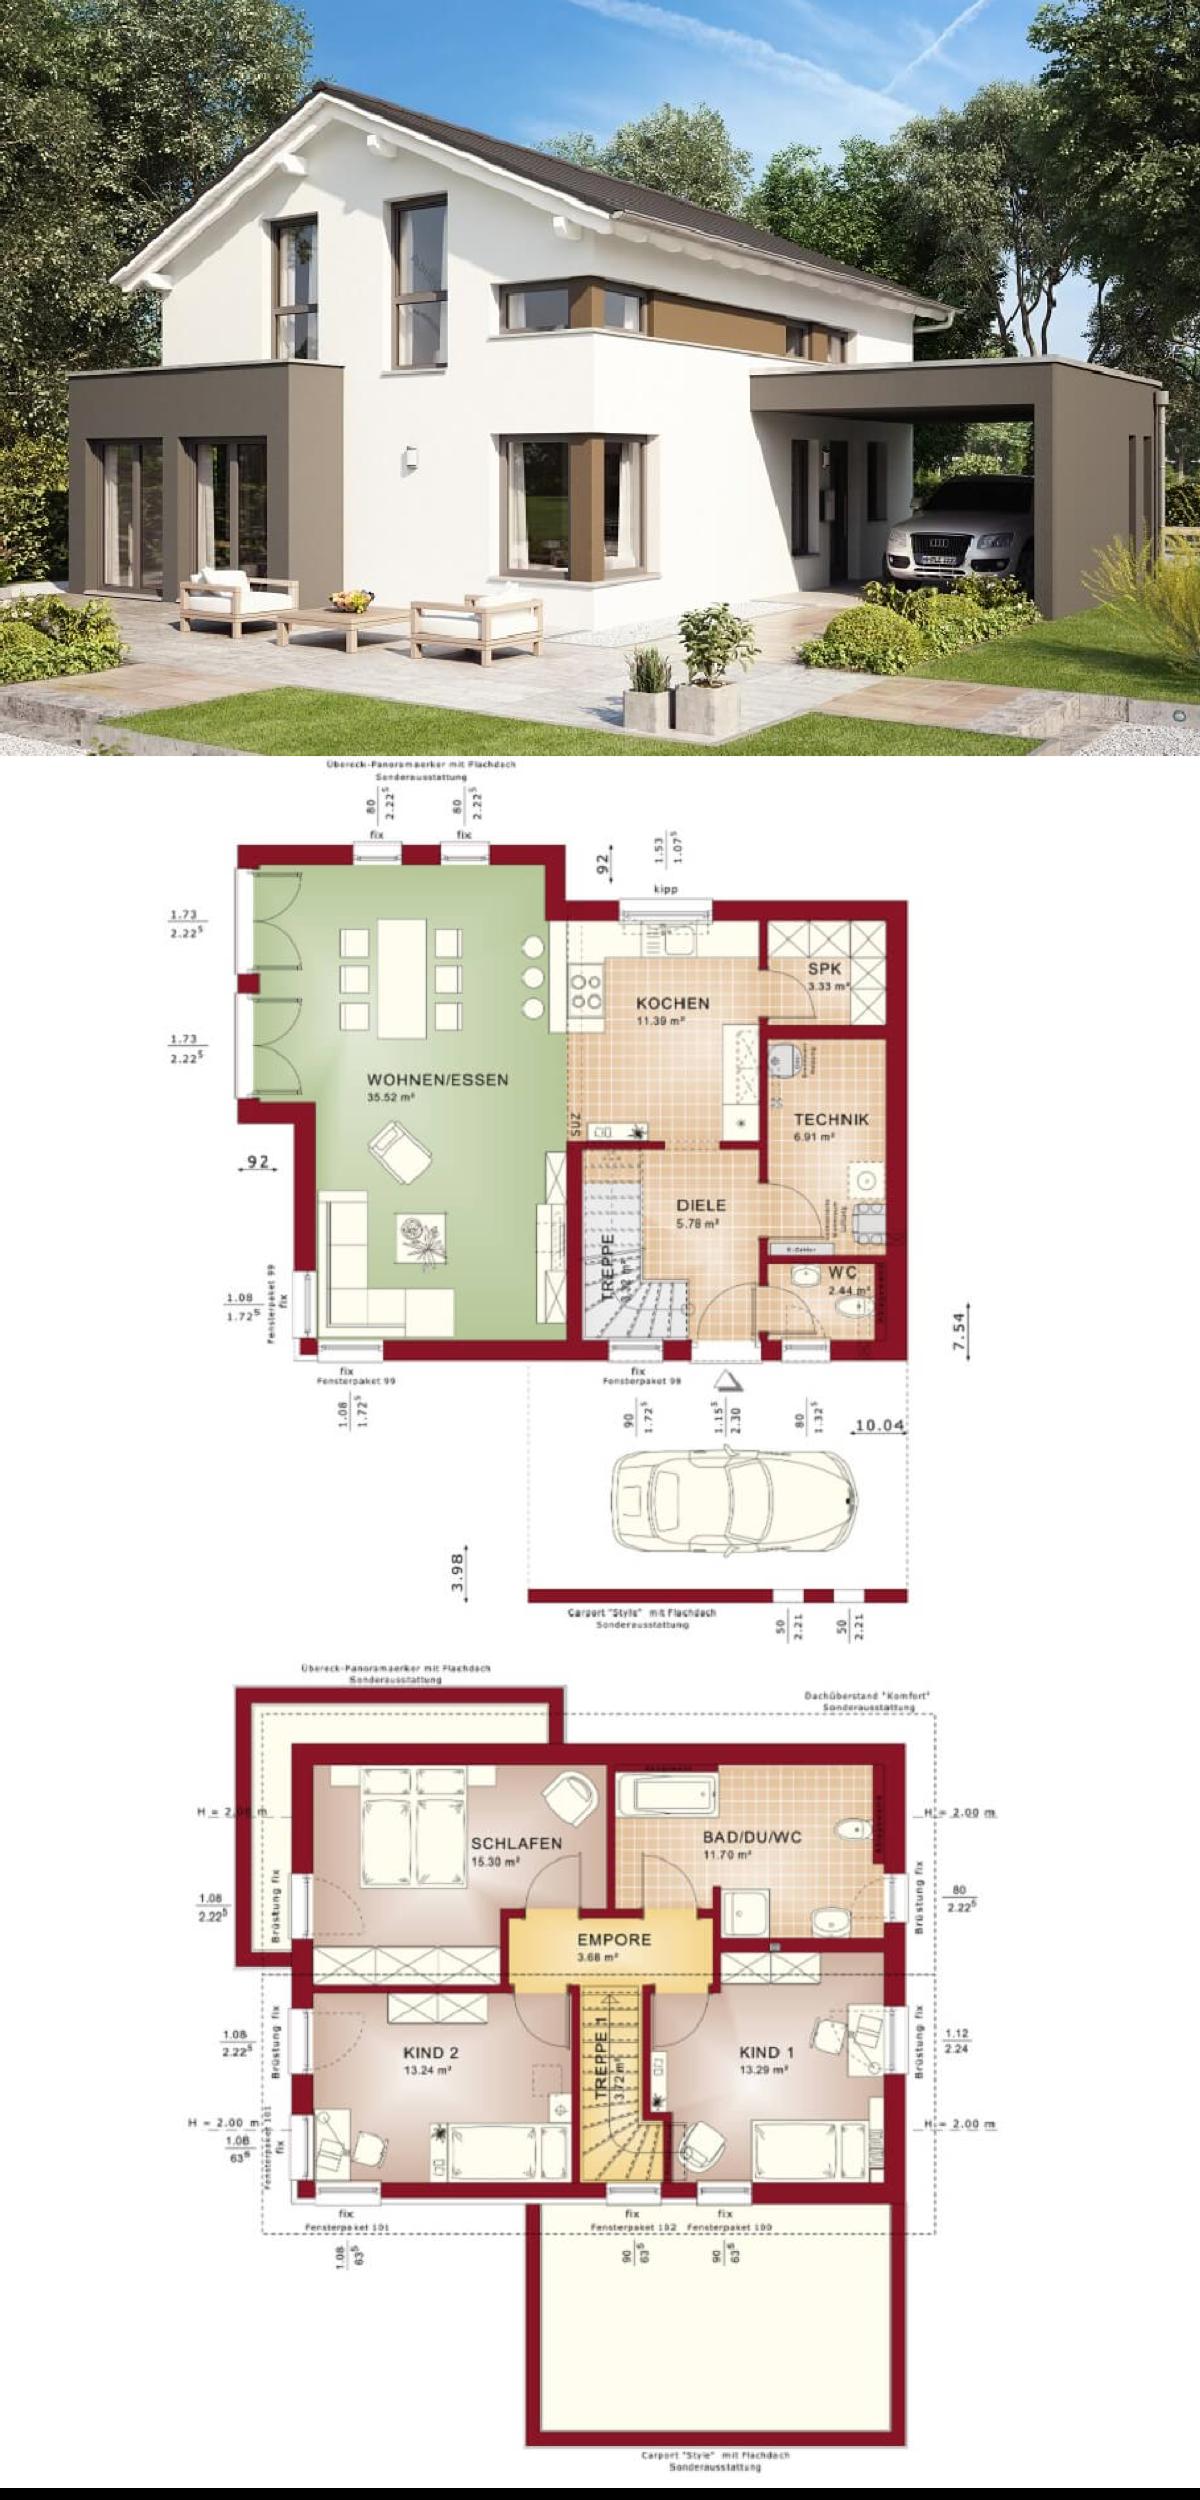 Einfamilienhaus Modern Grundriss Offen Mit Satteldach Haus Edition 3 V3 Bien Zenker Fertighaus Hausbaudire Haus Grundriss Fassade Haus Anbau Haus